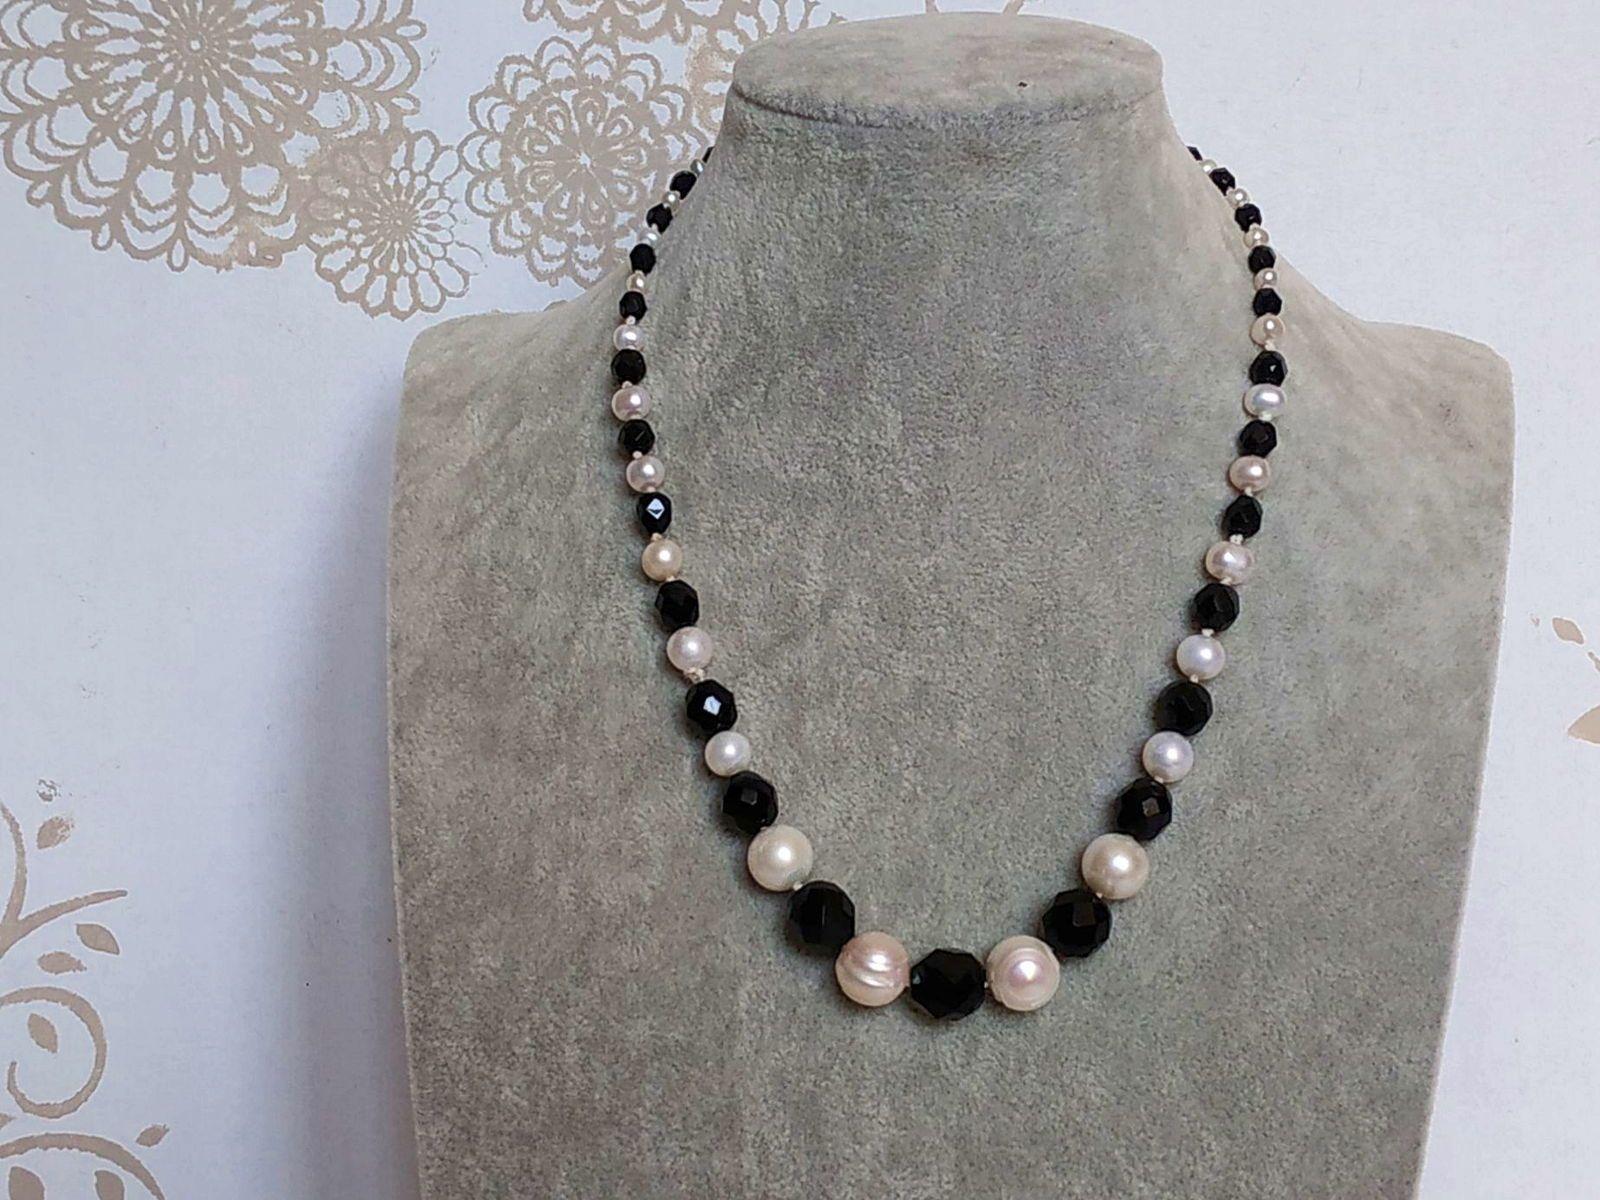 Collier en chute onyx et perles de culture